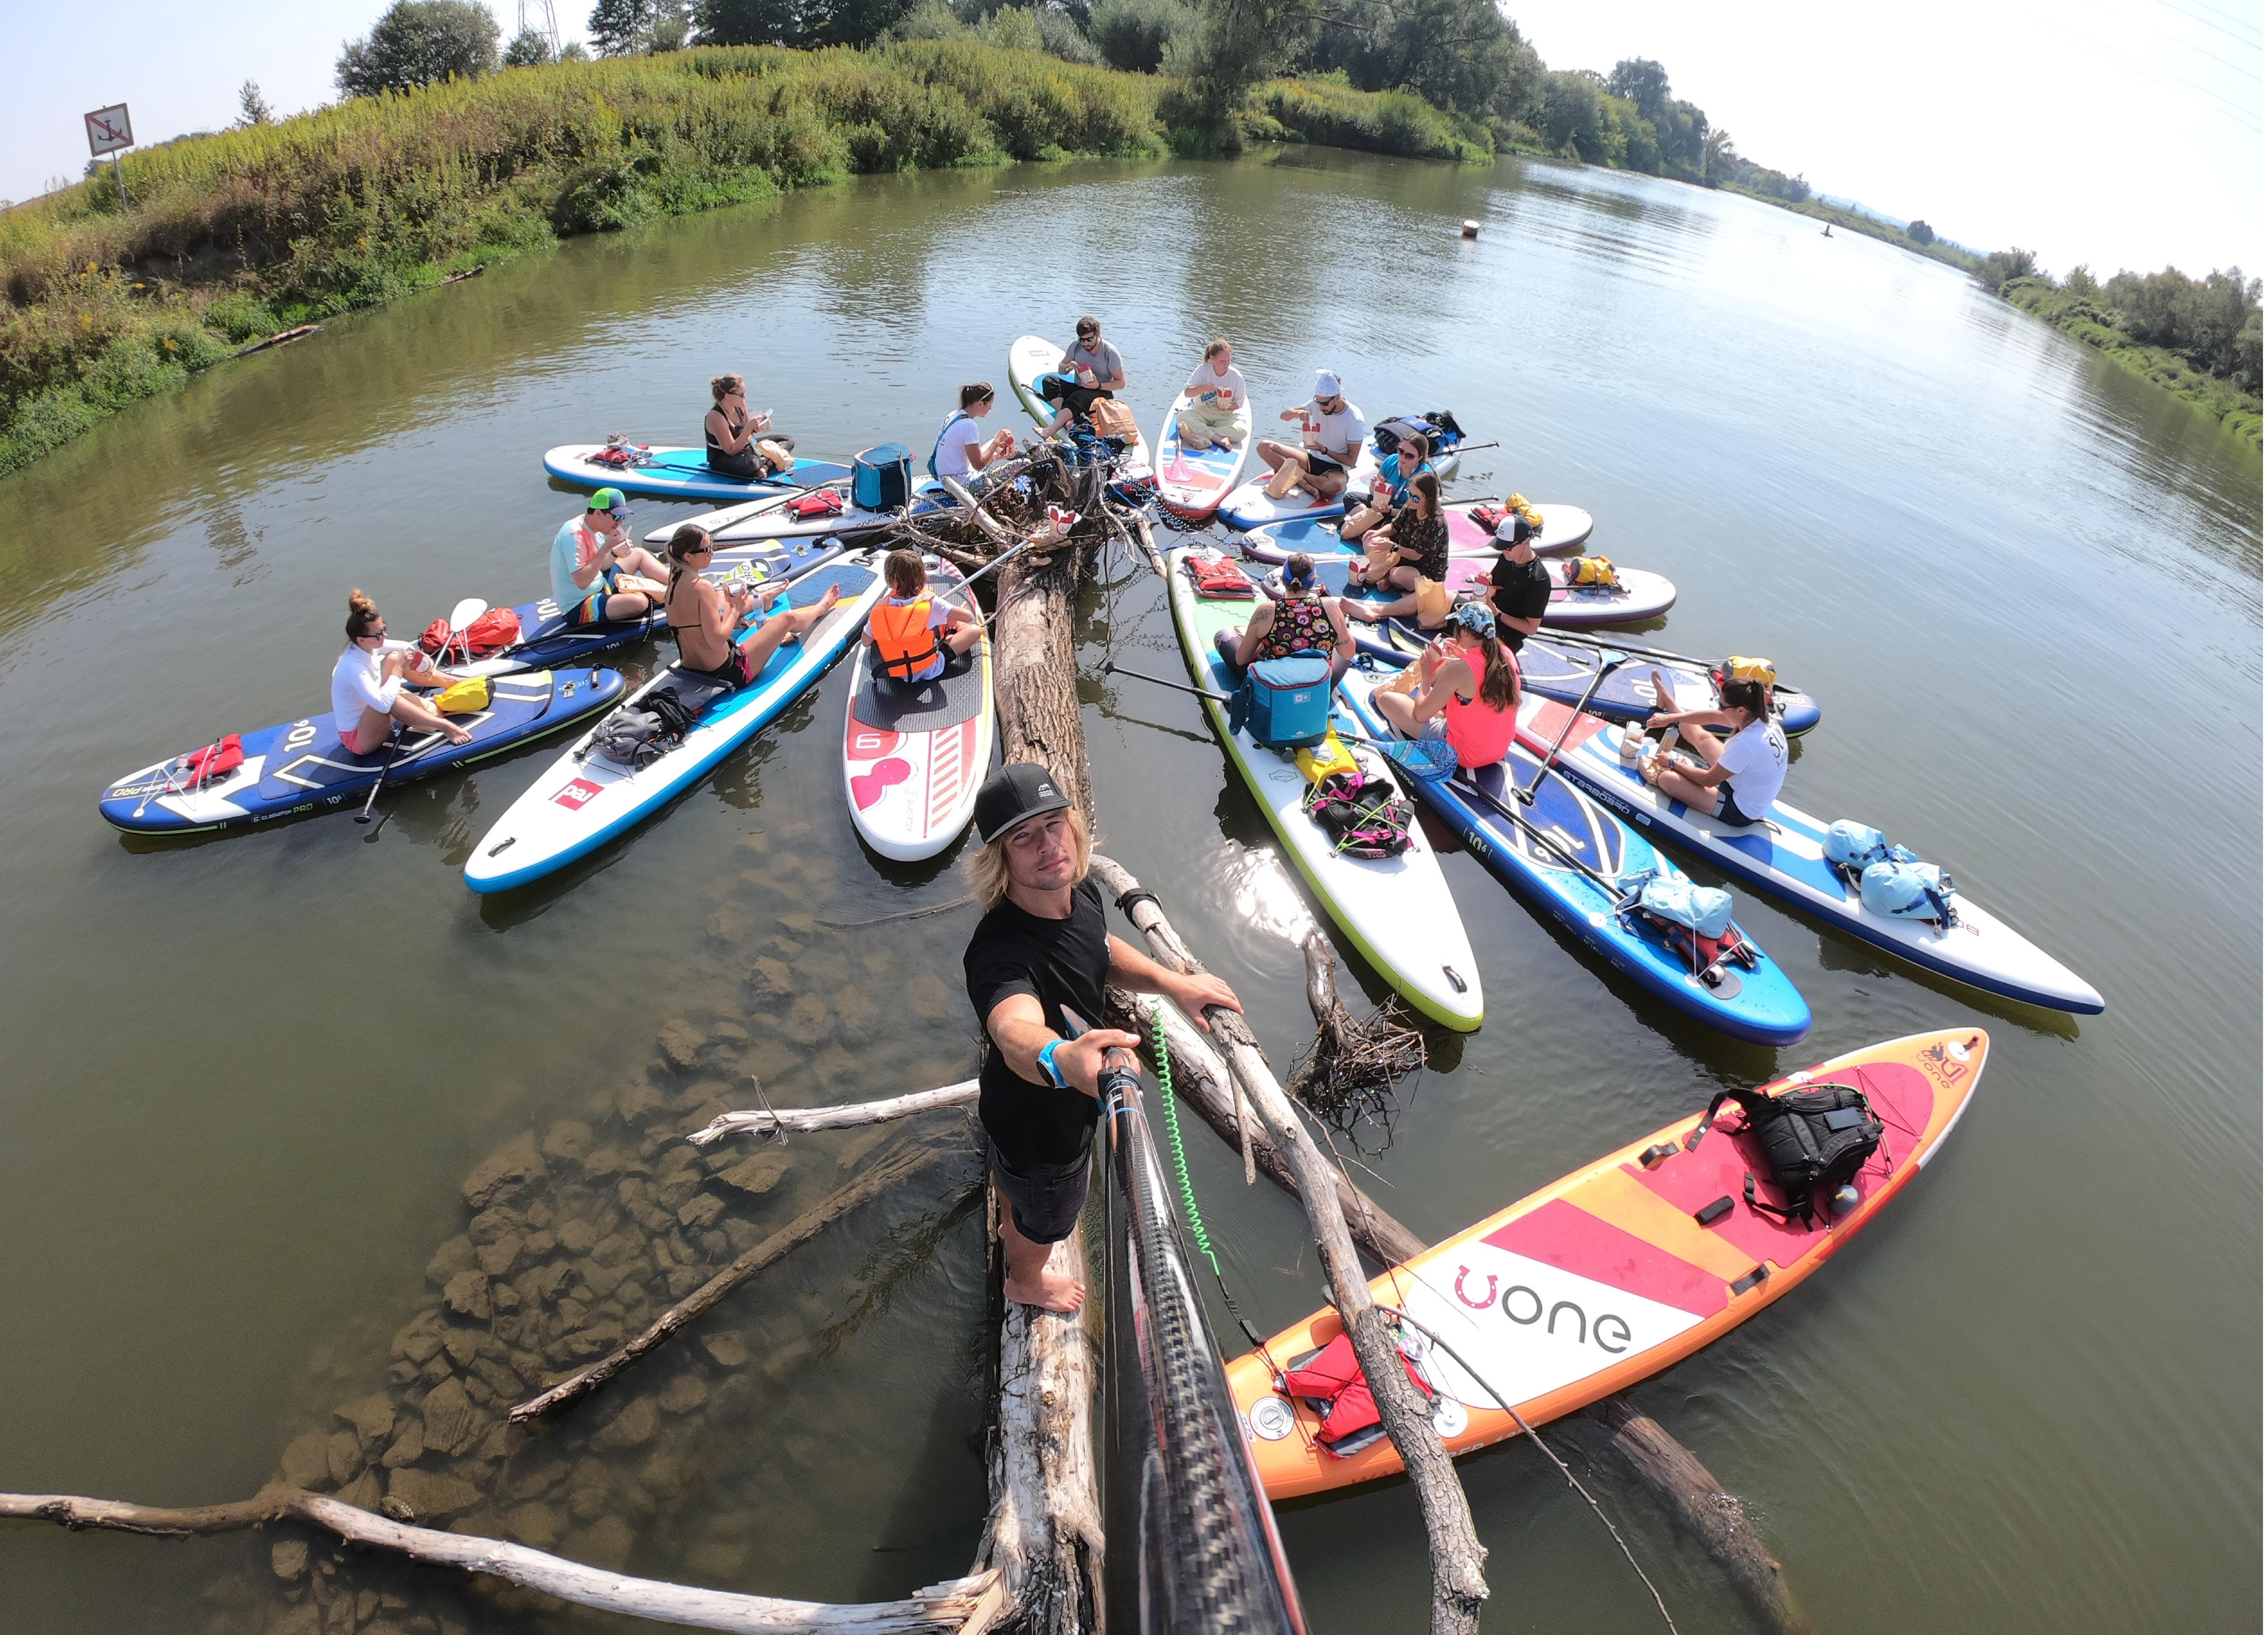 impreza firmowa sup stand up paddle paddle boarding krakow bagry wisla kryspinow